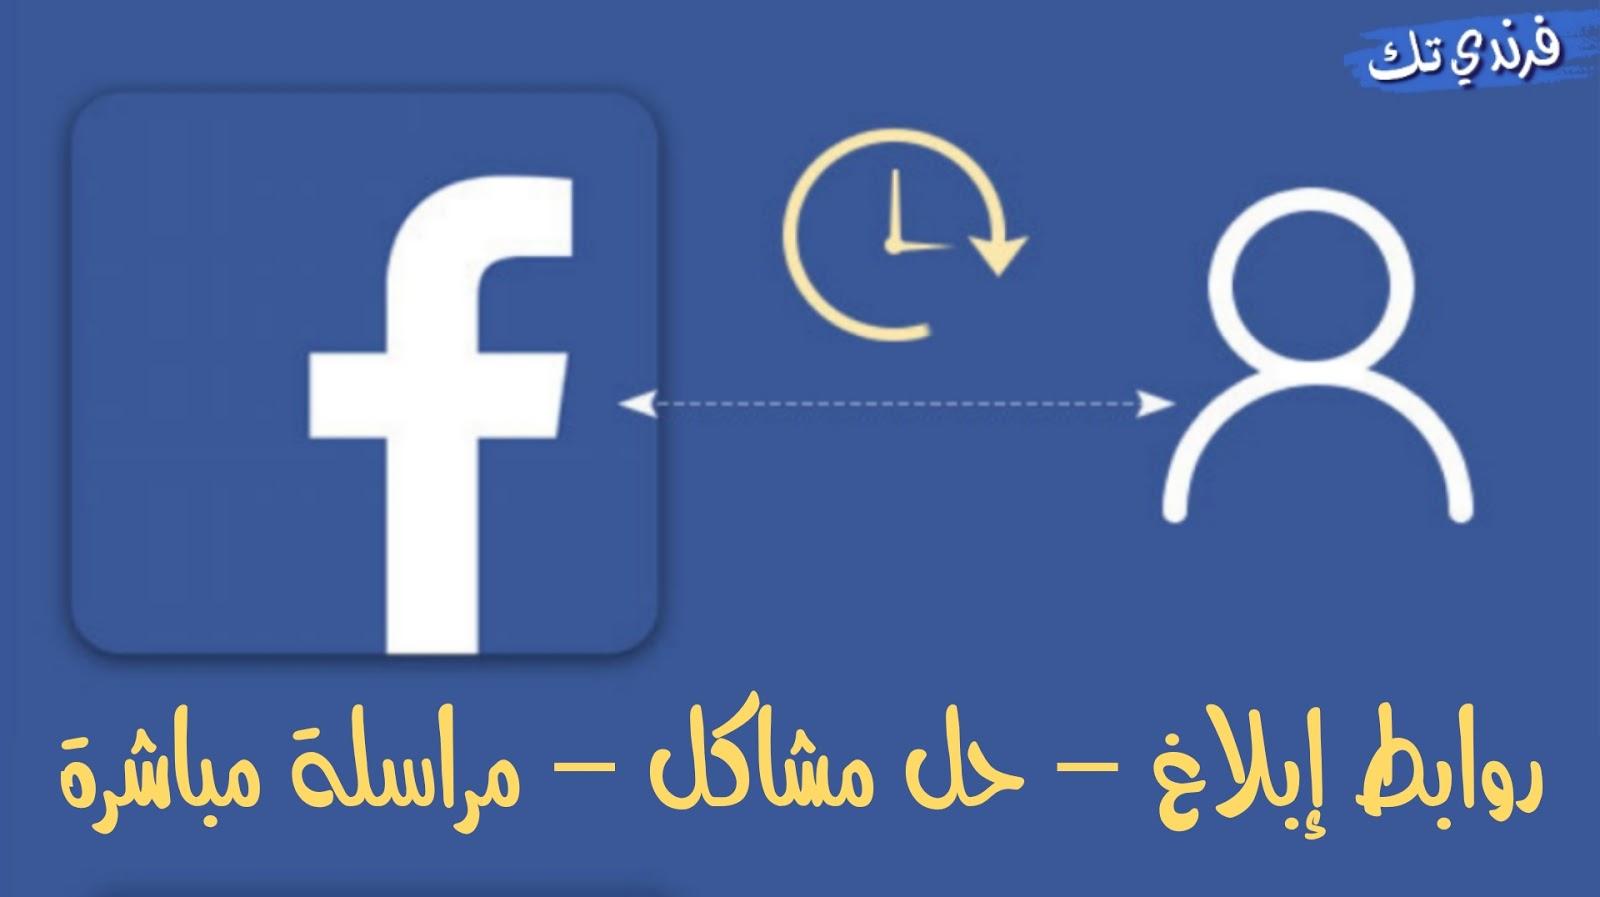 جميع روابط الإتصال بدعم الفيسبوك 2020 || ابلاغ - مراسلة - محدث بأستمرار